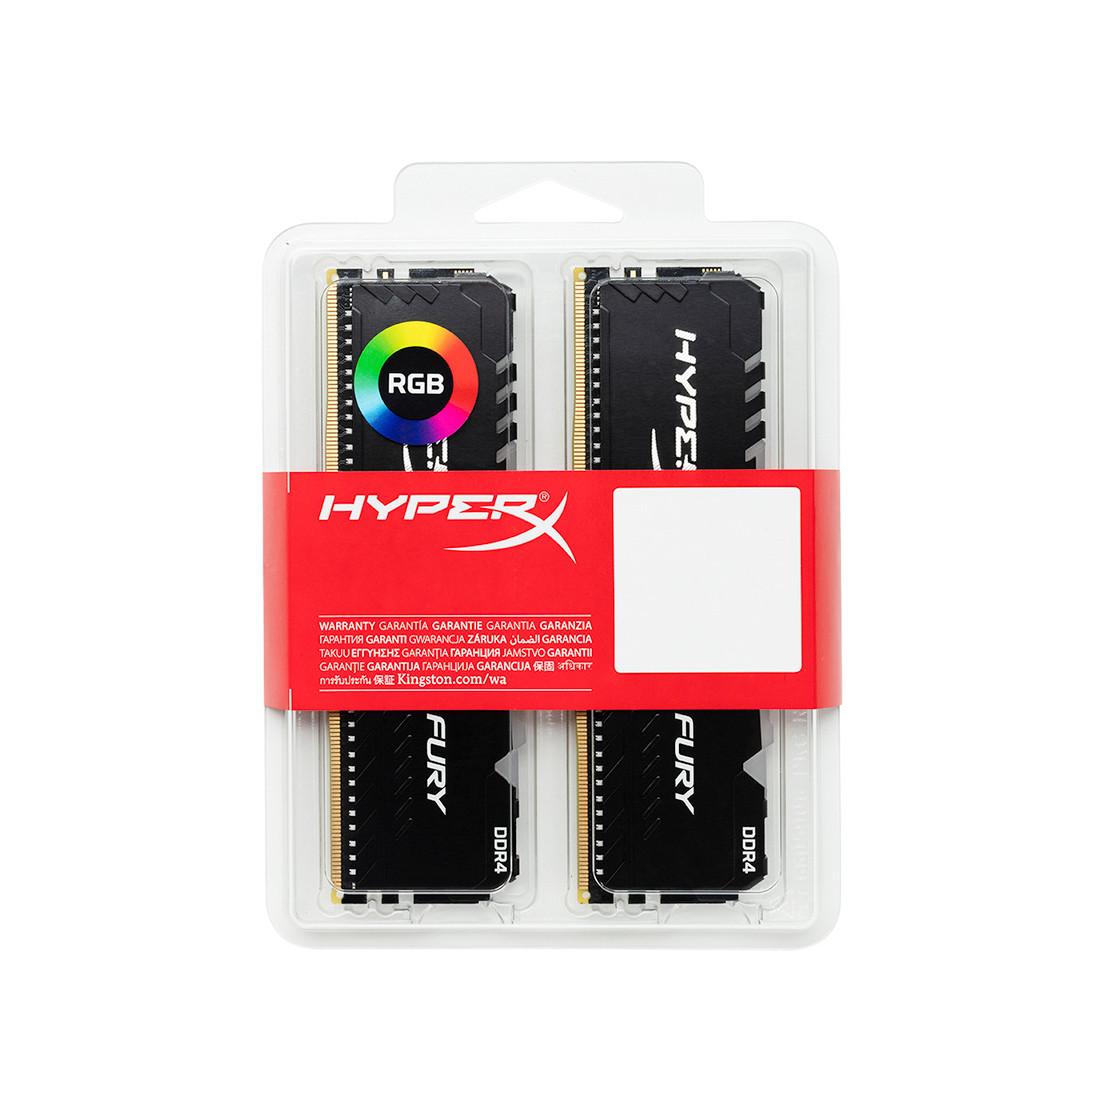 Модуль памяти Kingston HyperX Fury RGB HX432C16FB3AK2/16 DDR4 DIMM 16Gb KIT 2x8 3200 MHz